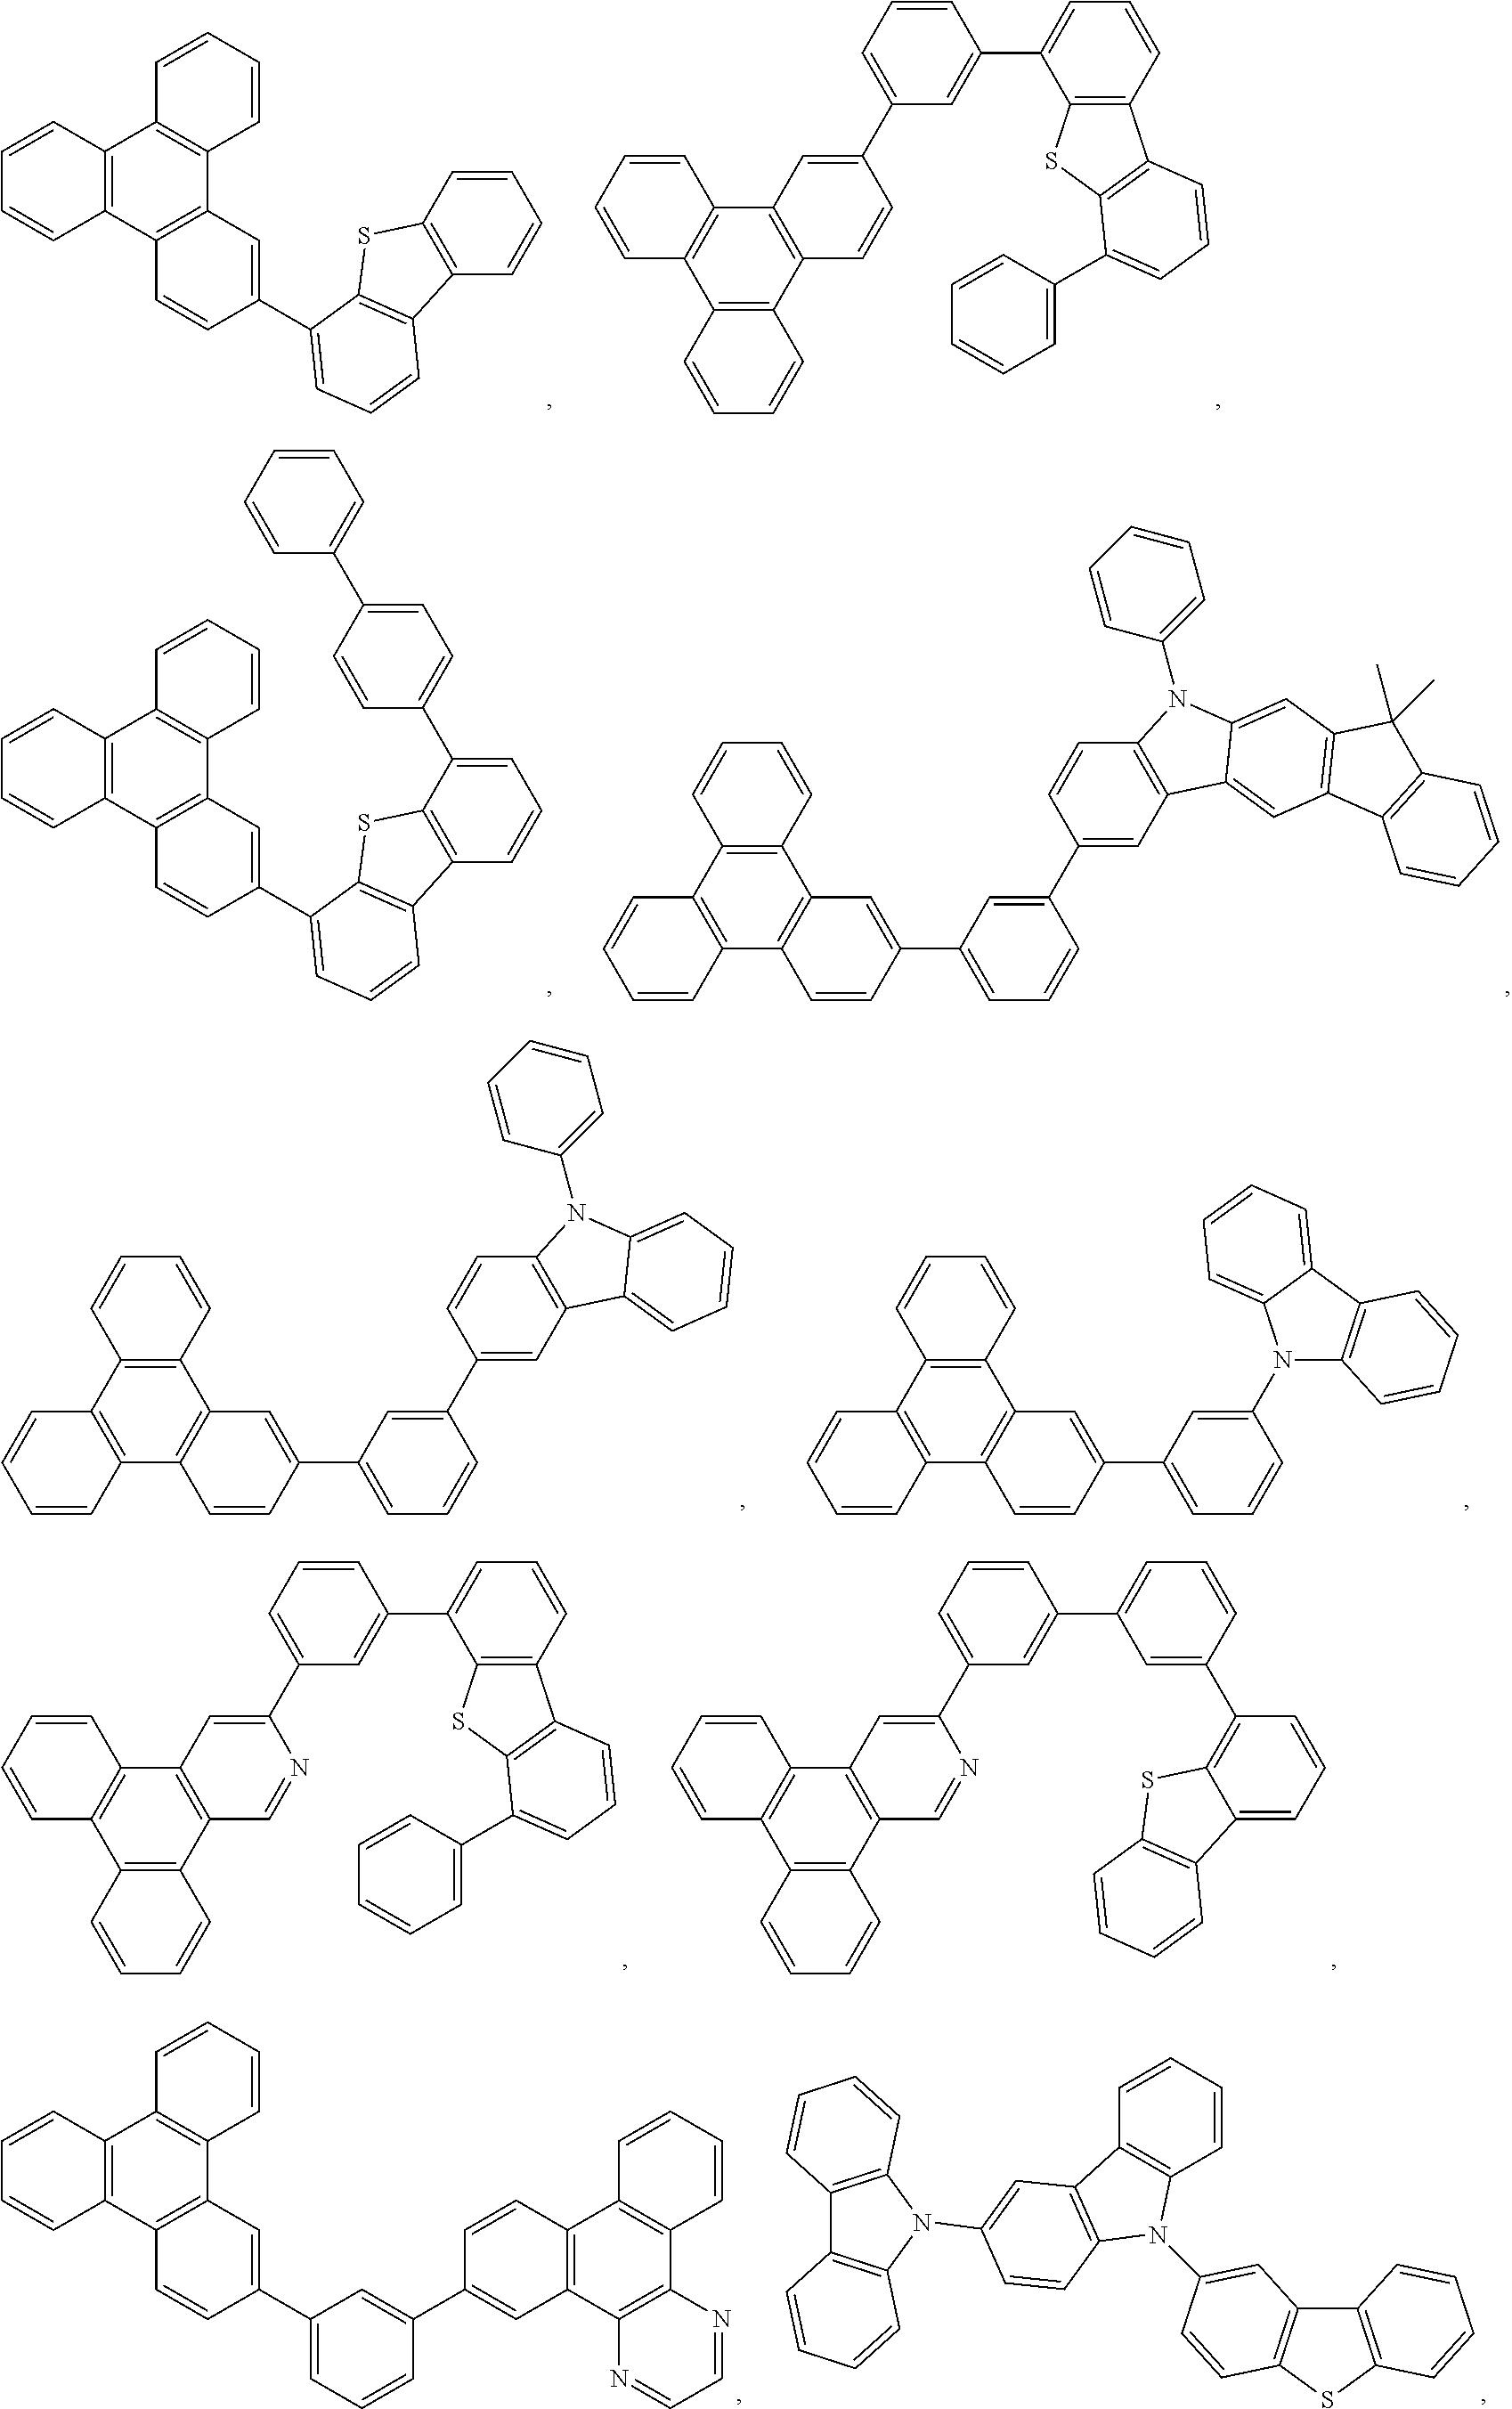 Figure US20170229663A1-20170810-C00149